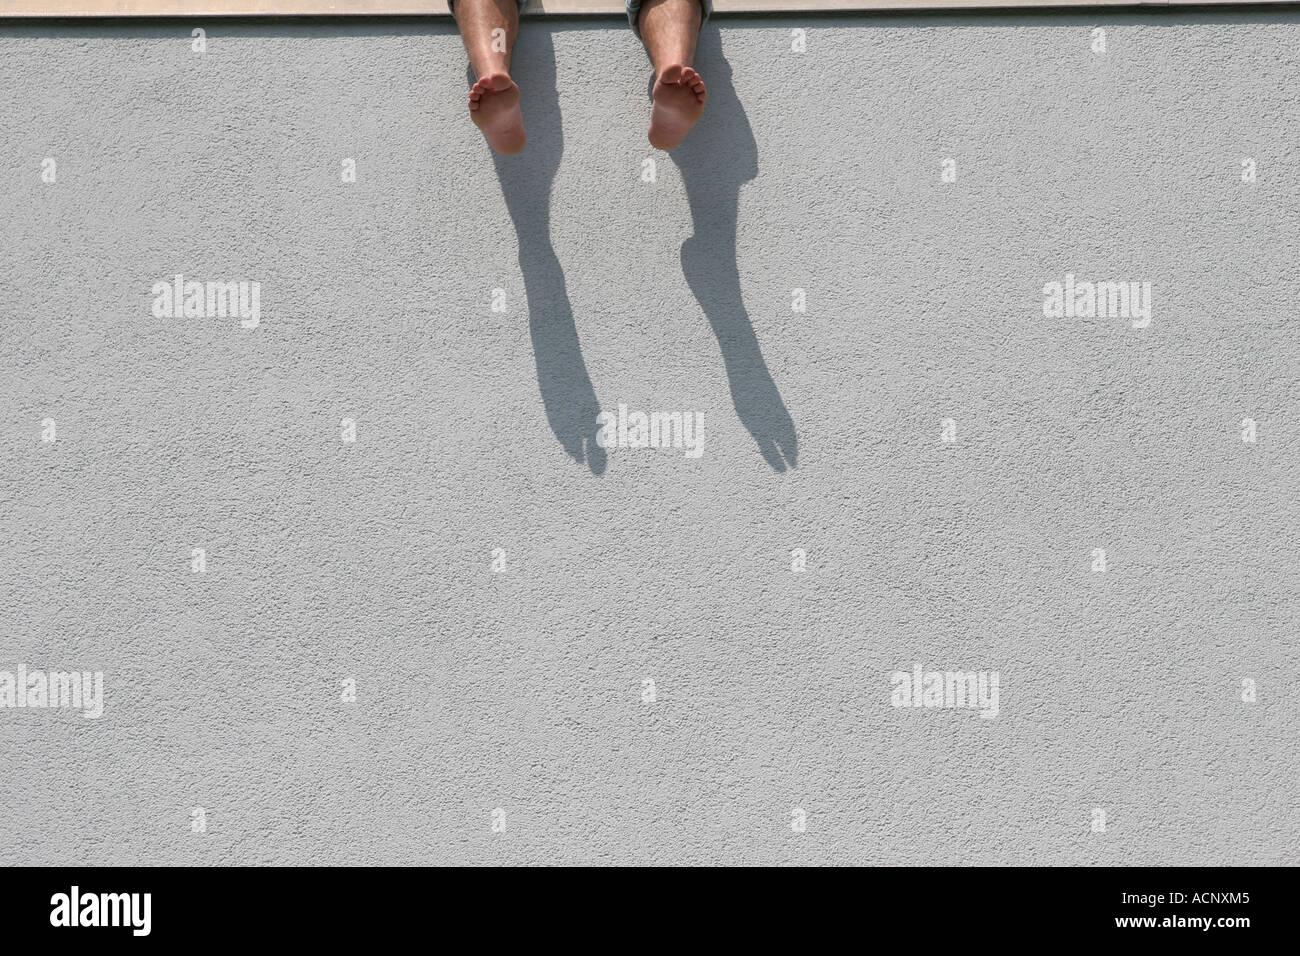 Dangle feet - Füße baumeln lassen - Stock Image